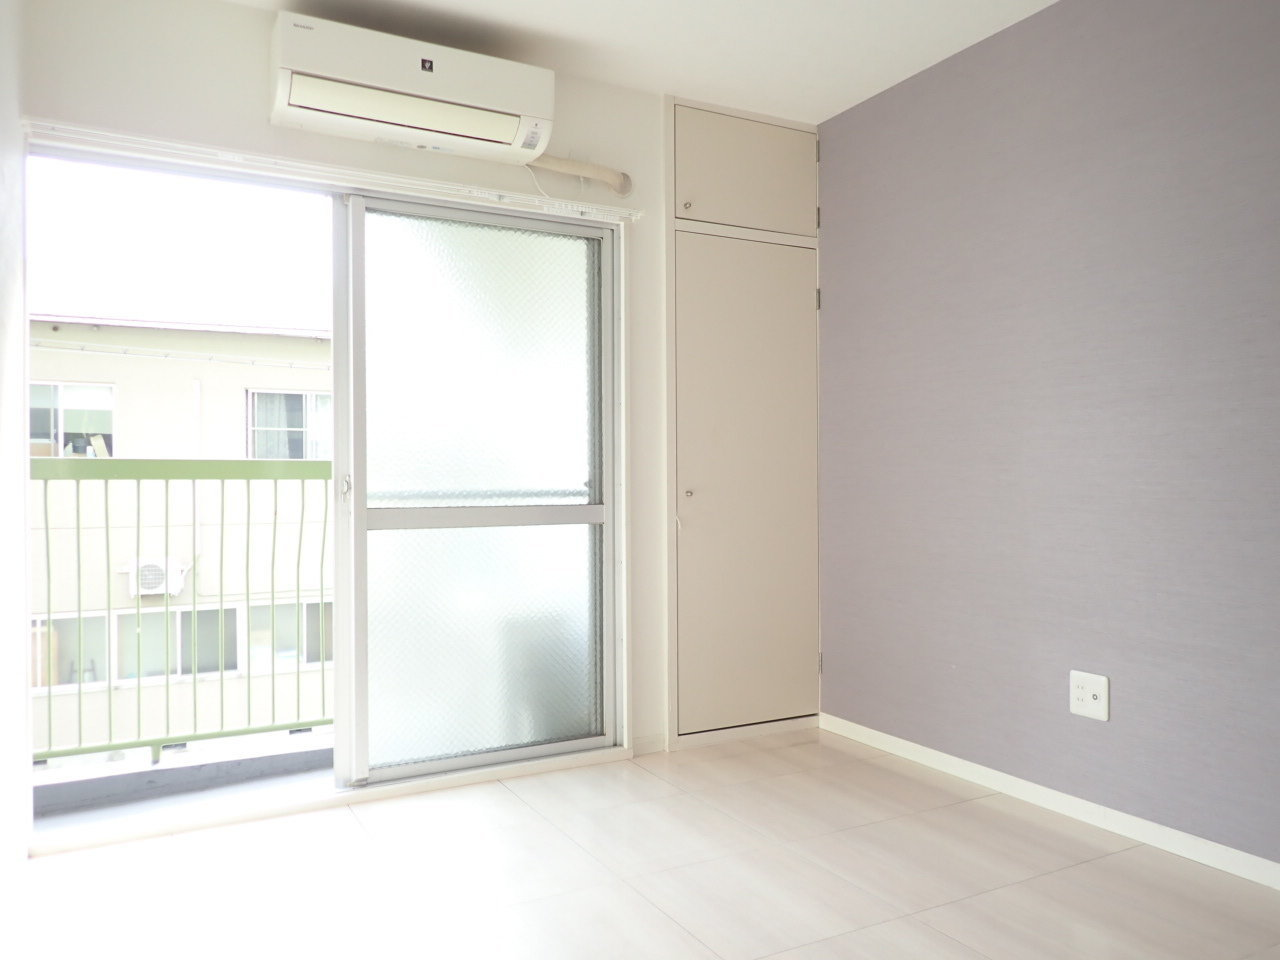 もうひとつのお部屋は、淡いパープルの壁紙が。収納スペースも十分あり、ベランダは先ほどの部屋とつながっていて布団なども悠々と干せそうです。